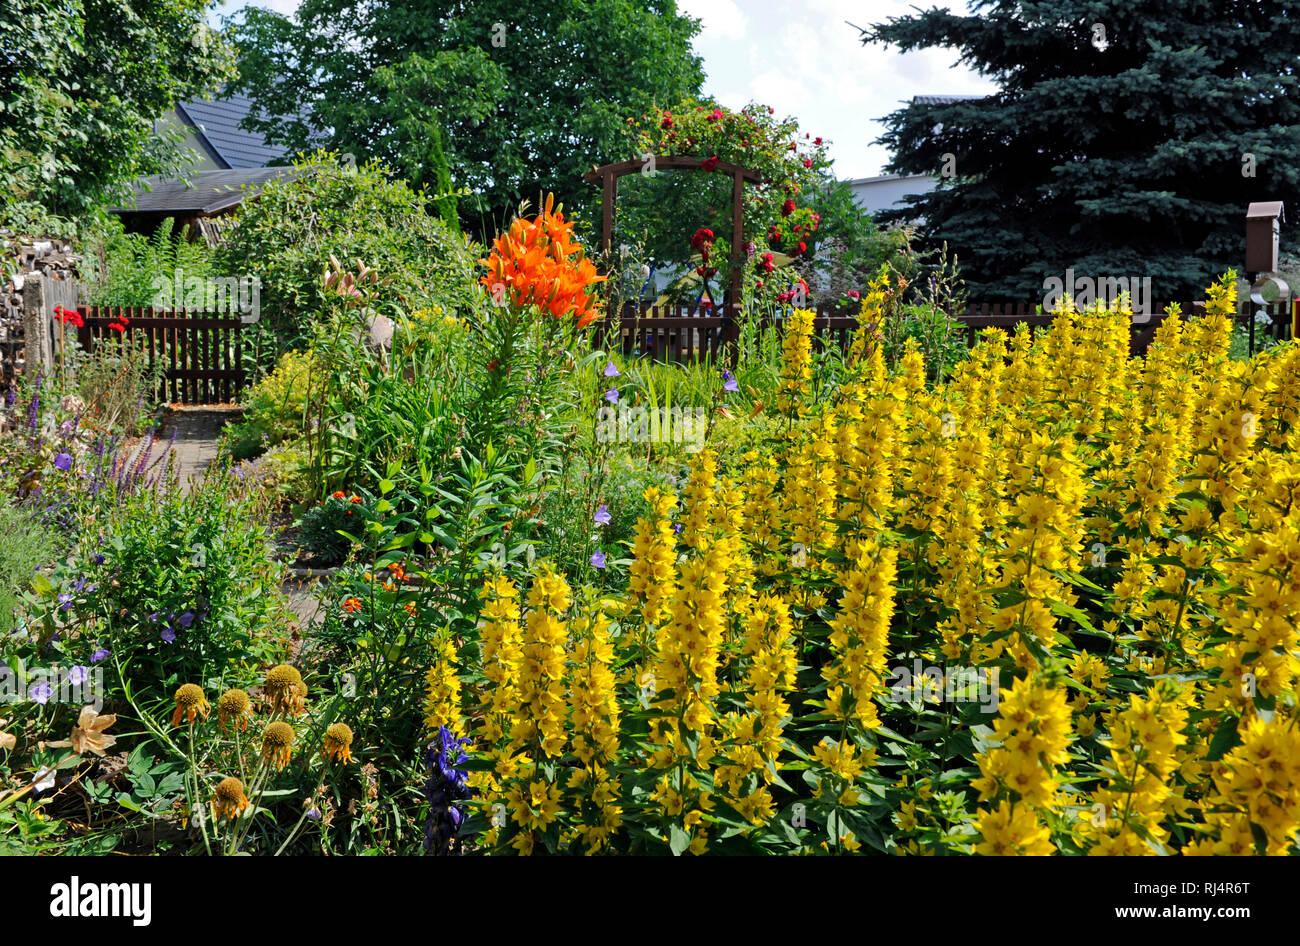 Romantischer Bauerngarten mit bl?henden Sommerblumen und Zierstauden, - Stock Image